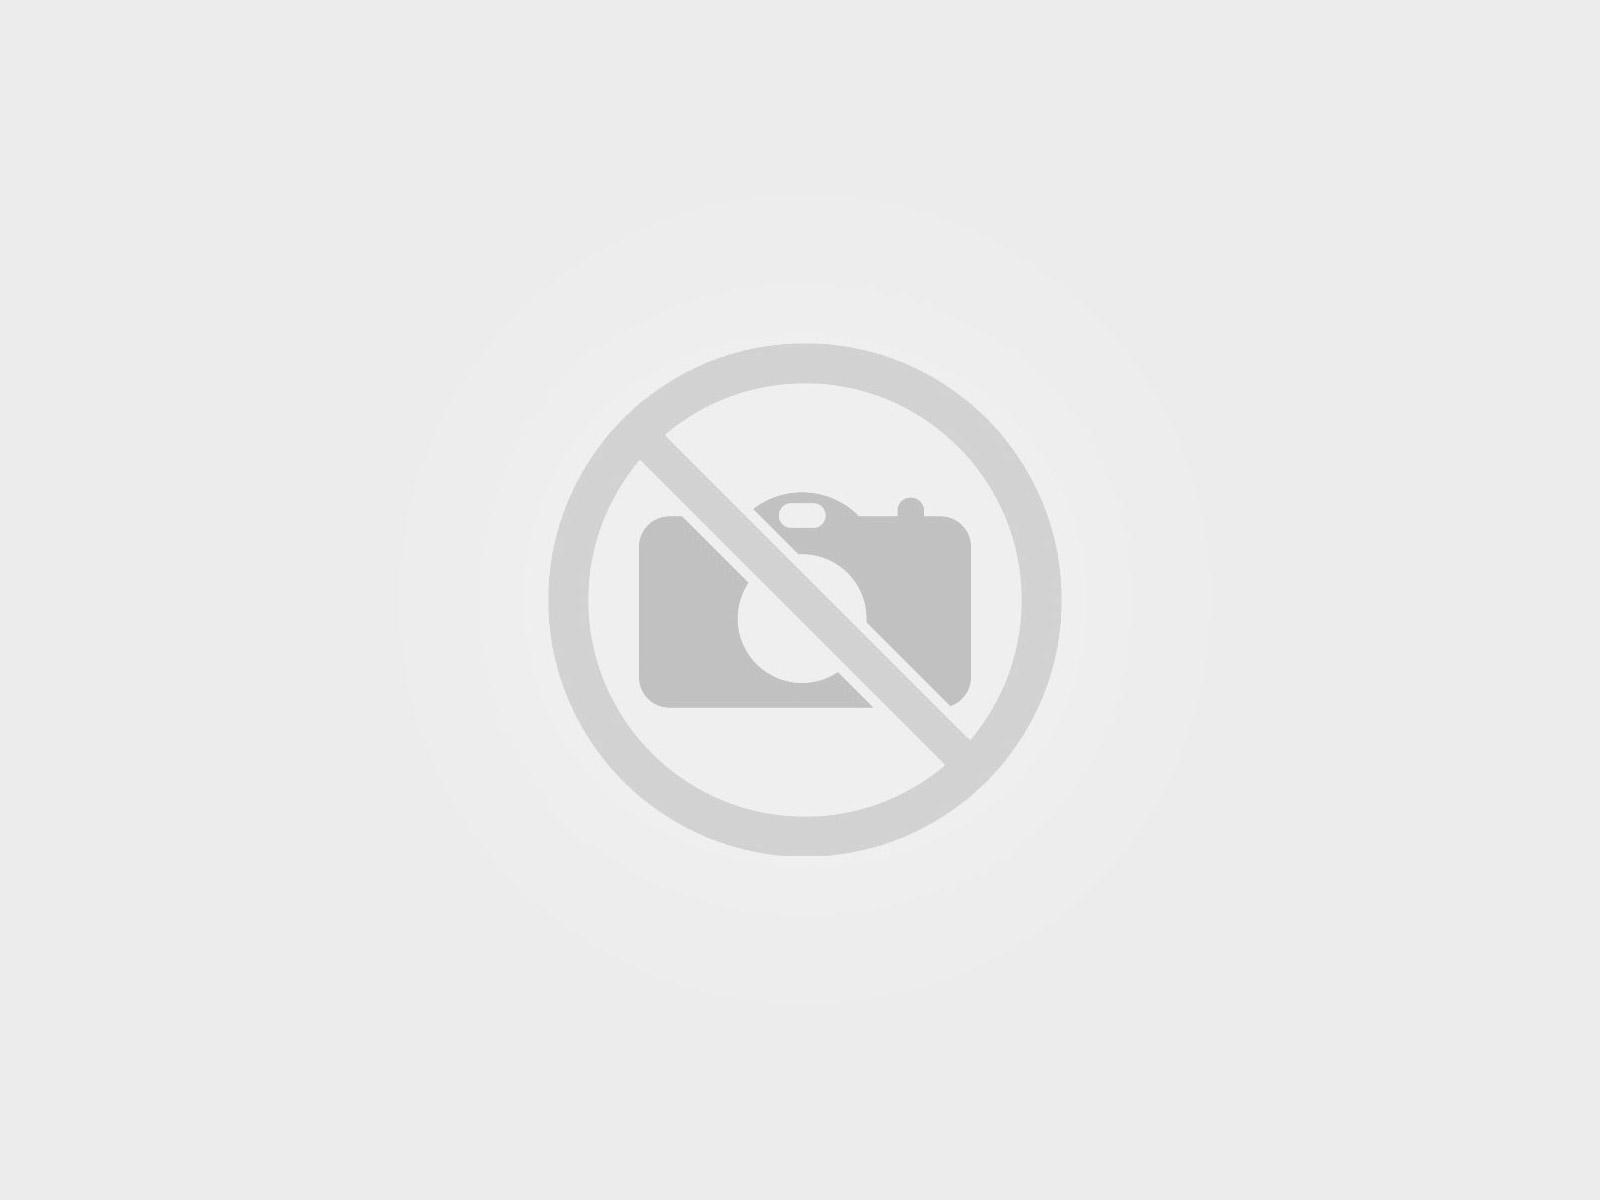 1galaxy.ru — промокод, купоны и скидки, акции на октябрь, ноябрь